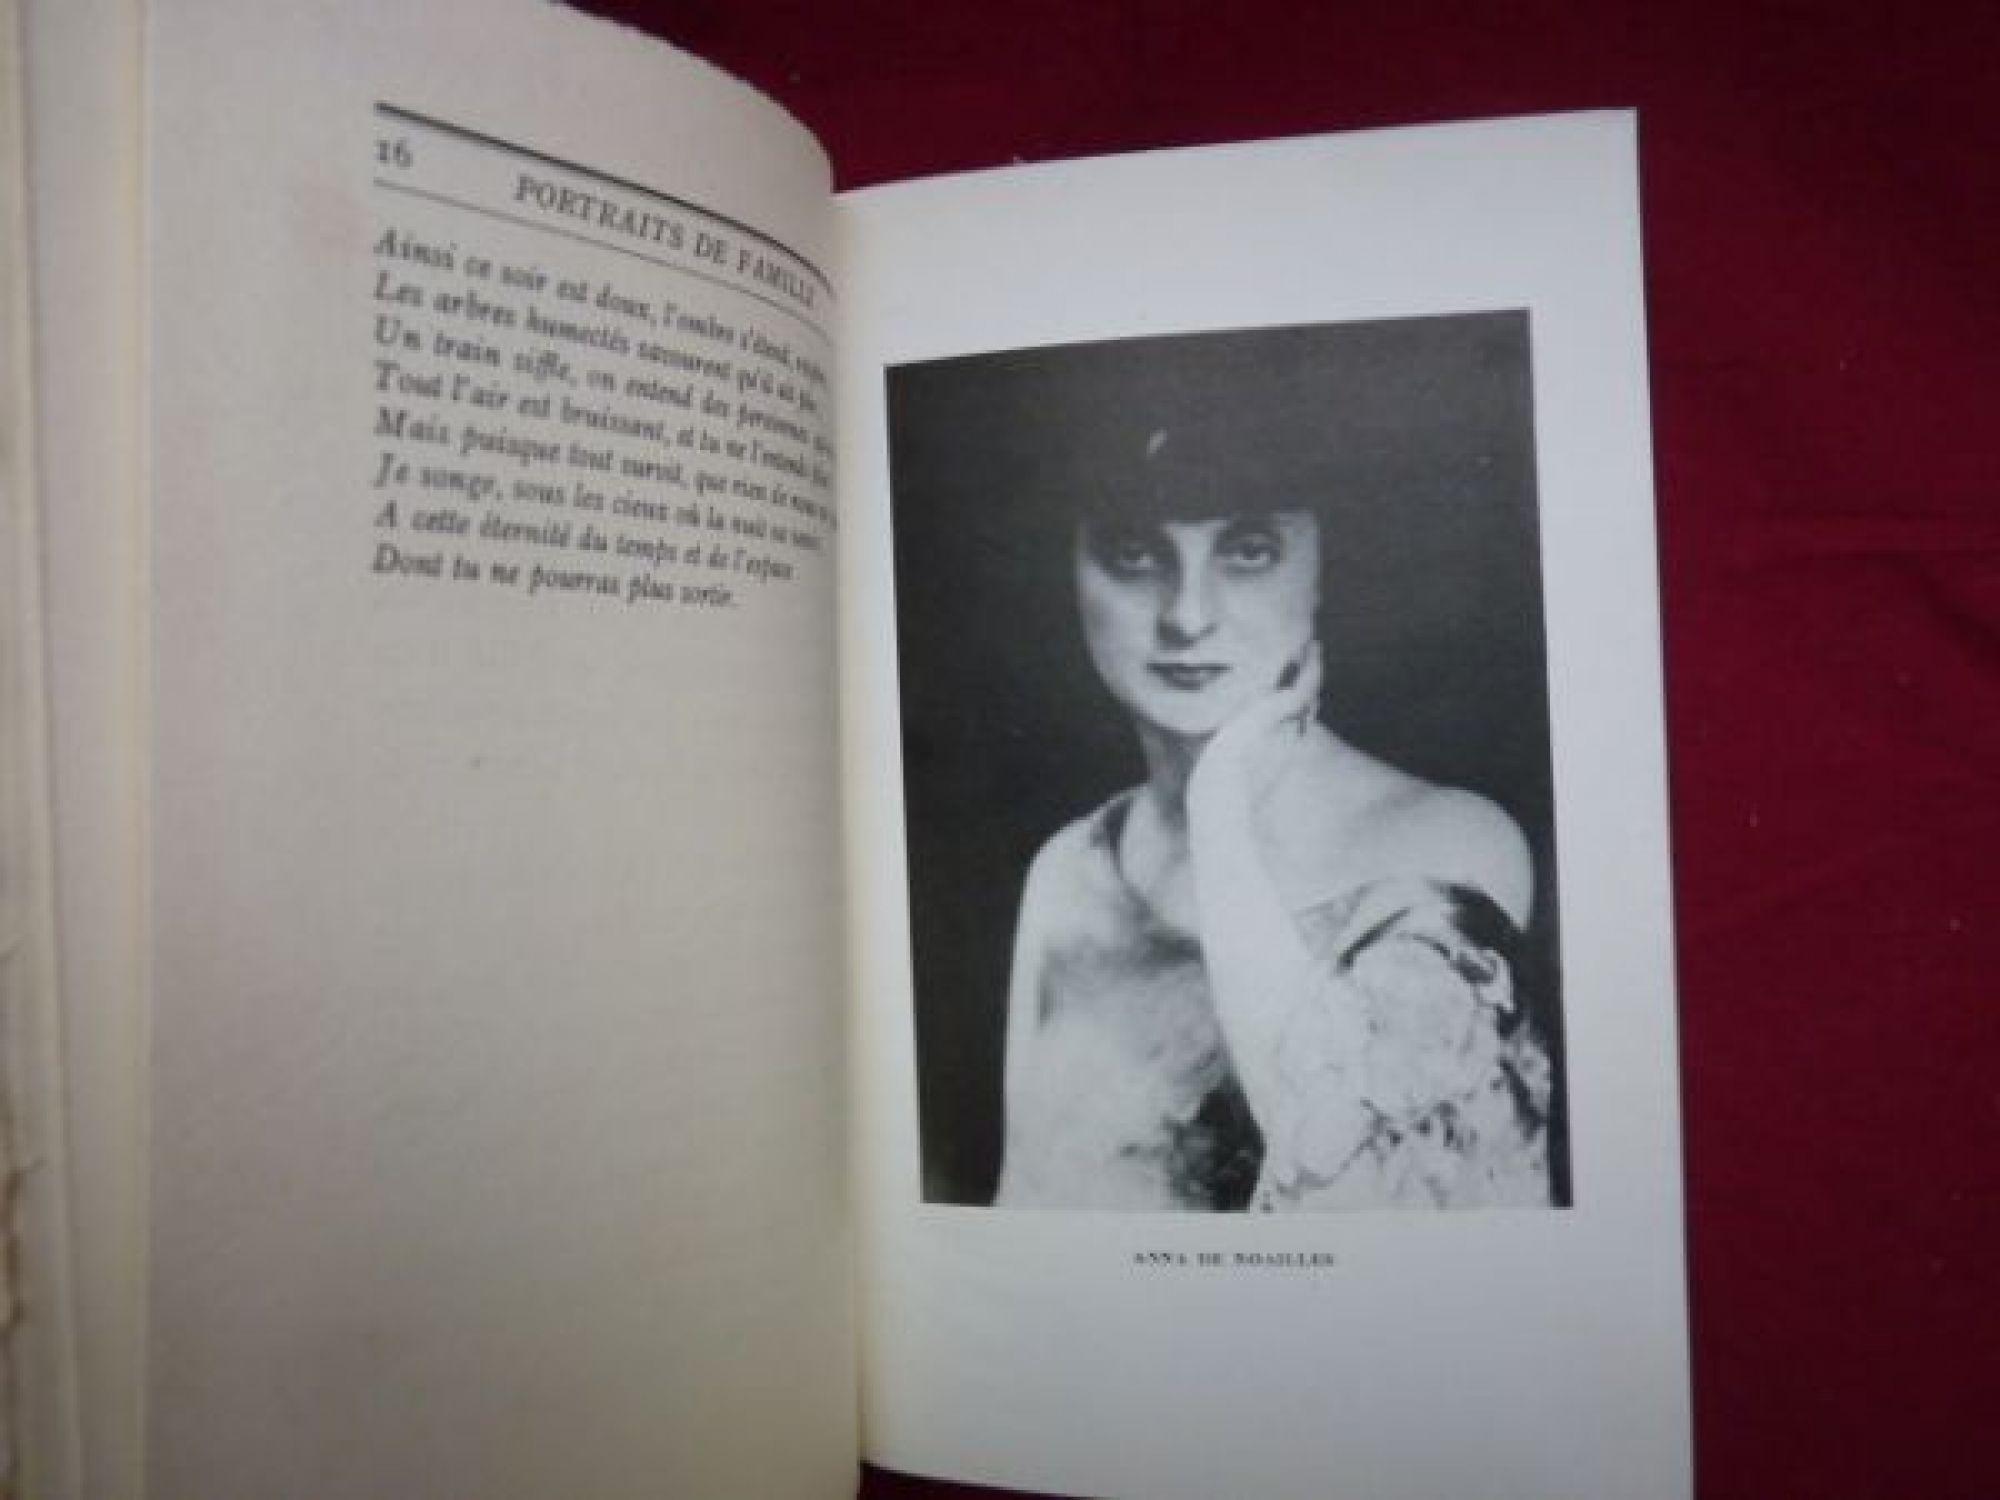 Fargue portraits de famille edition originale edition - Photo de famille originale ...